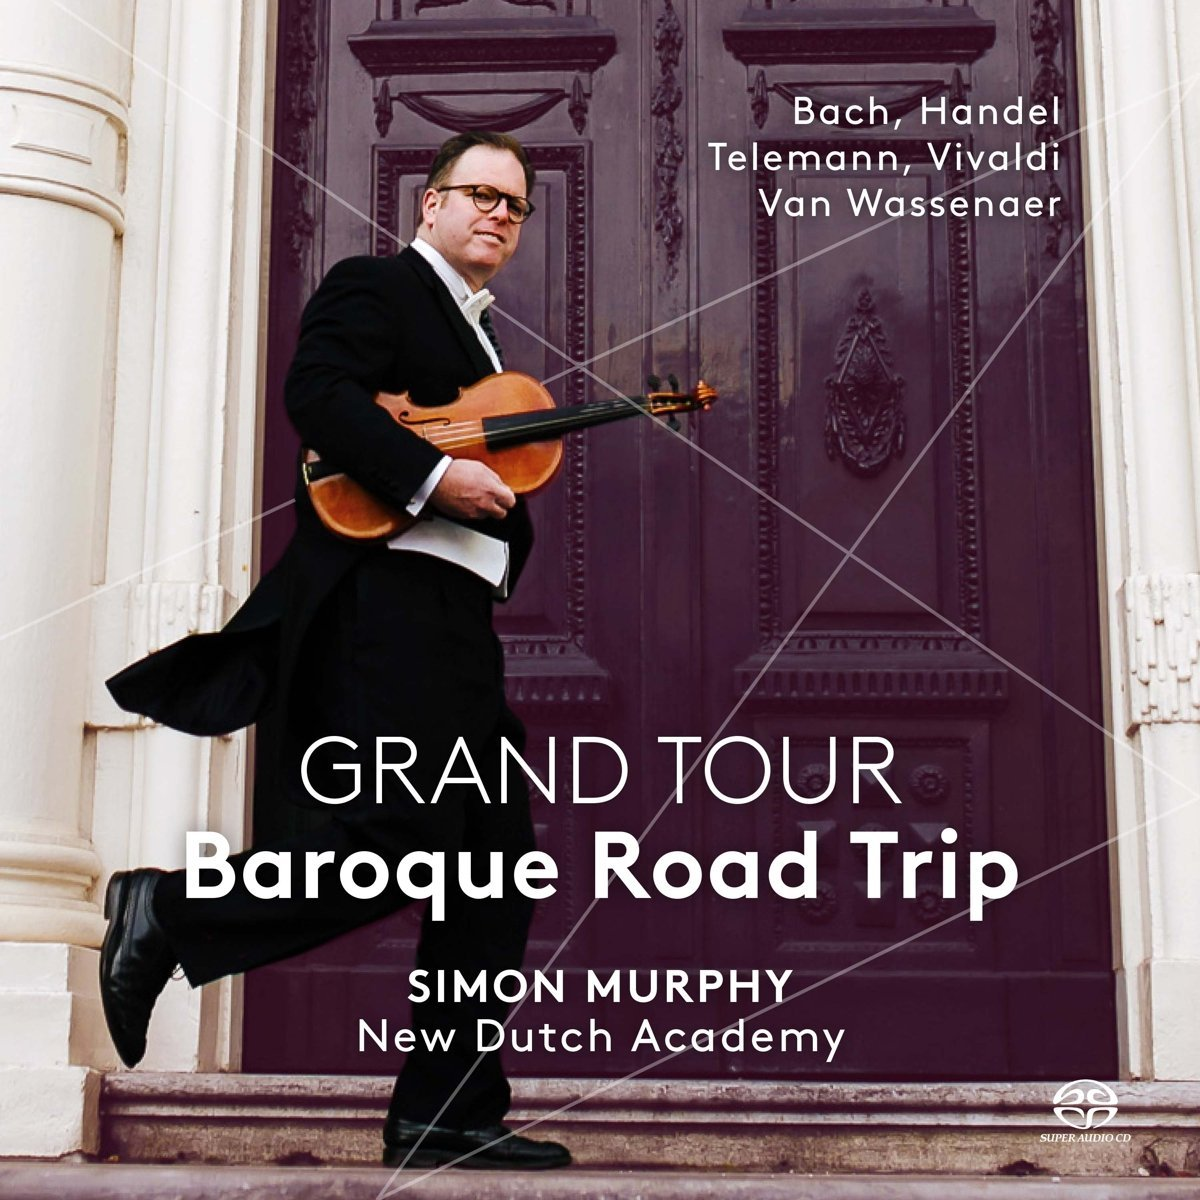 Grand Tour - Baroque Road Trip: New Dutch Academy